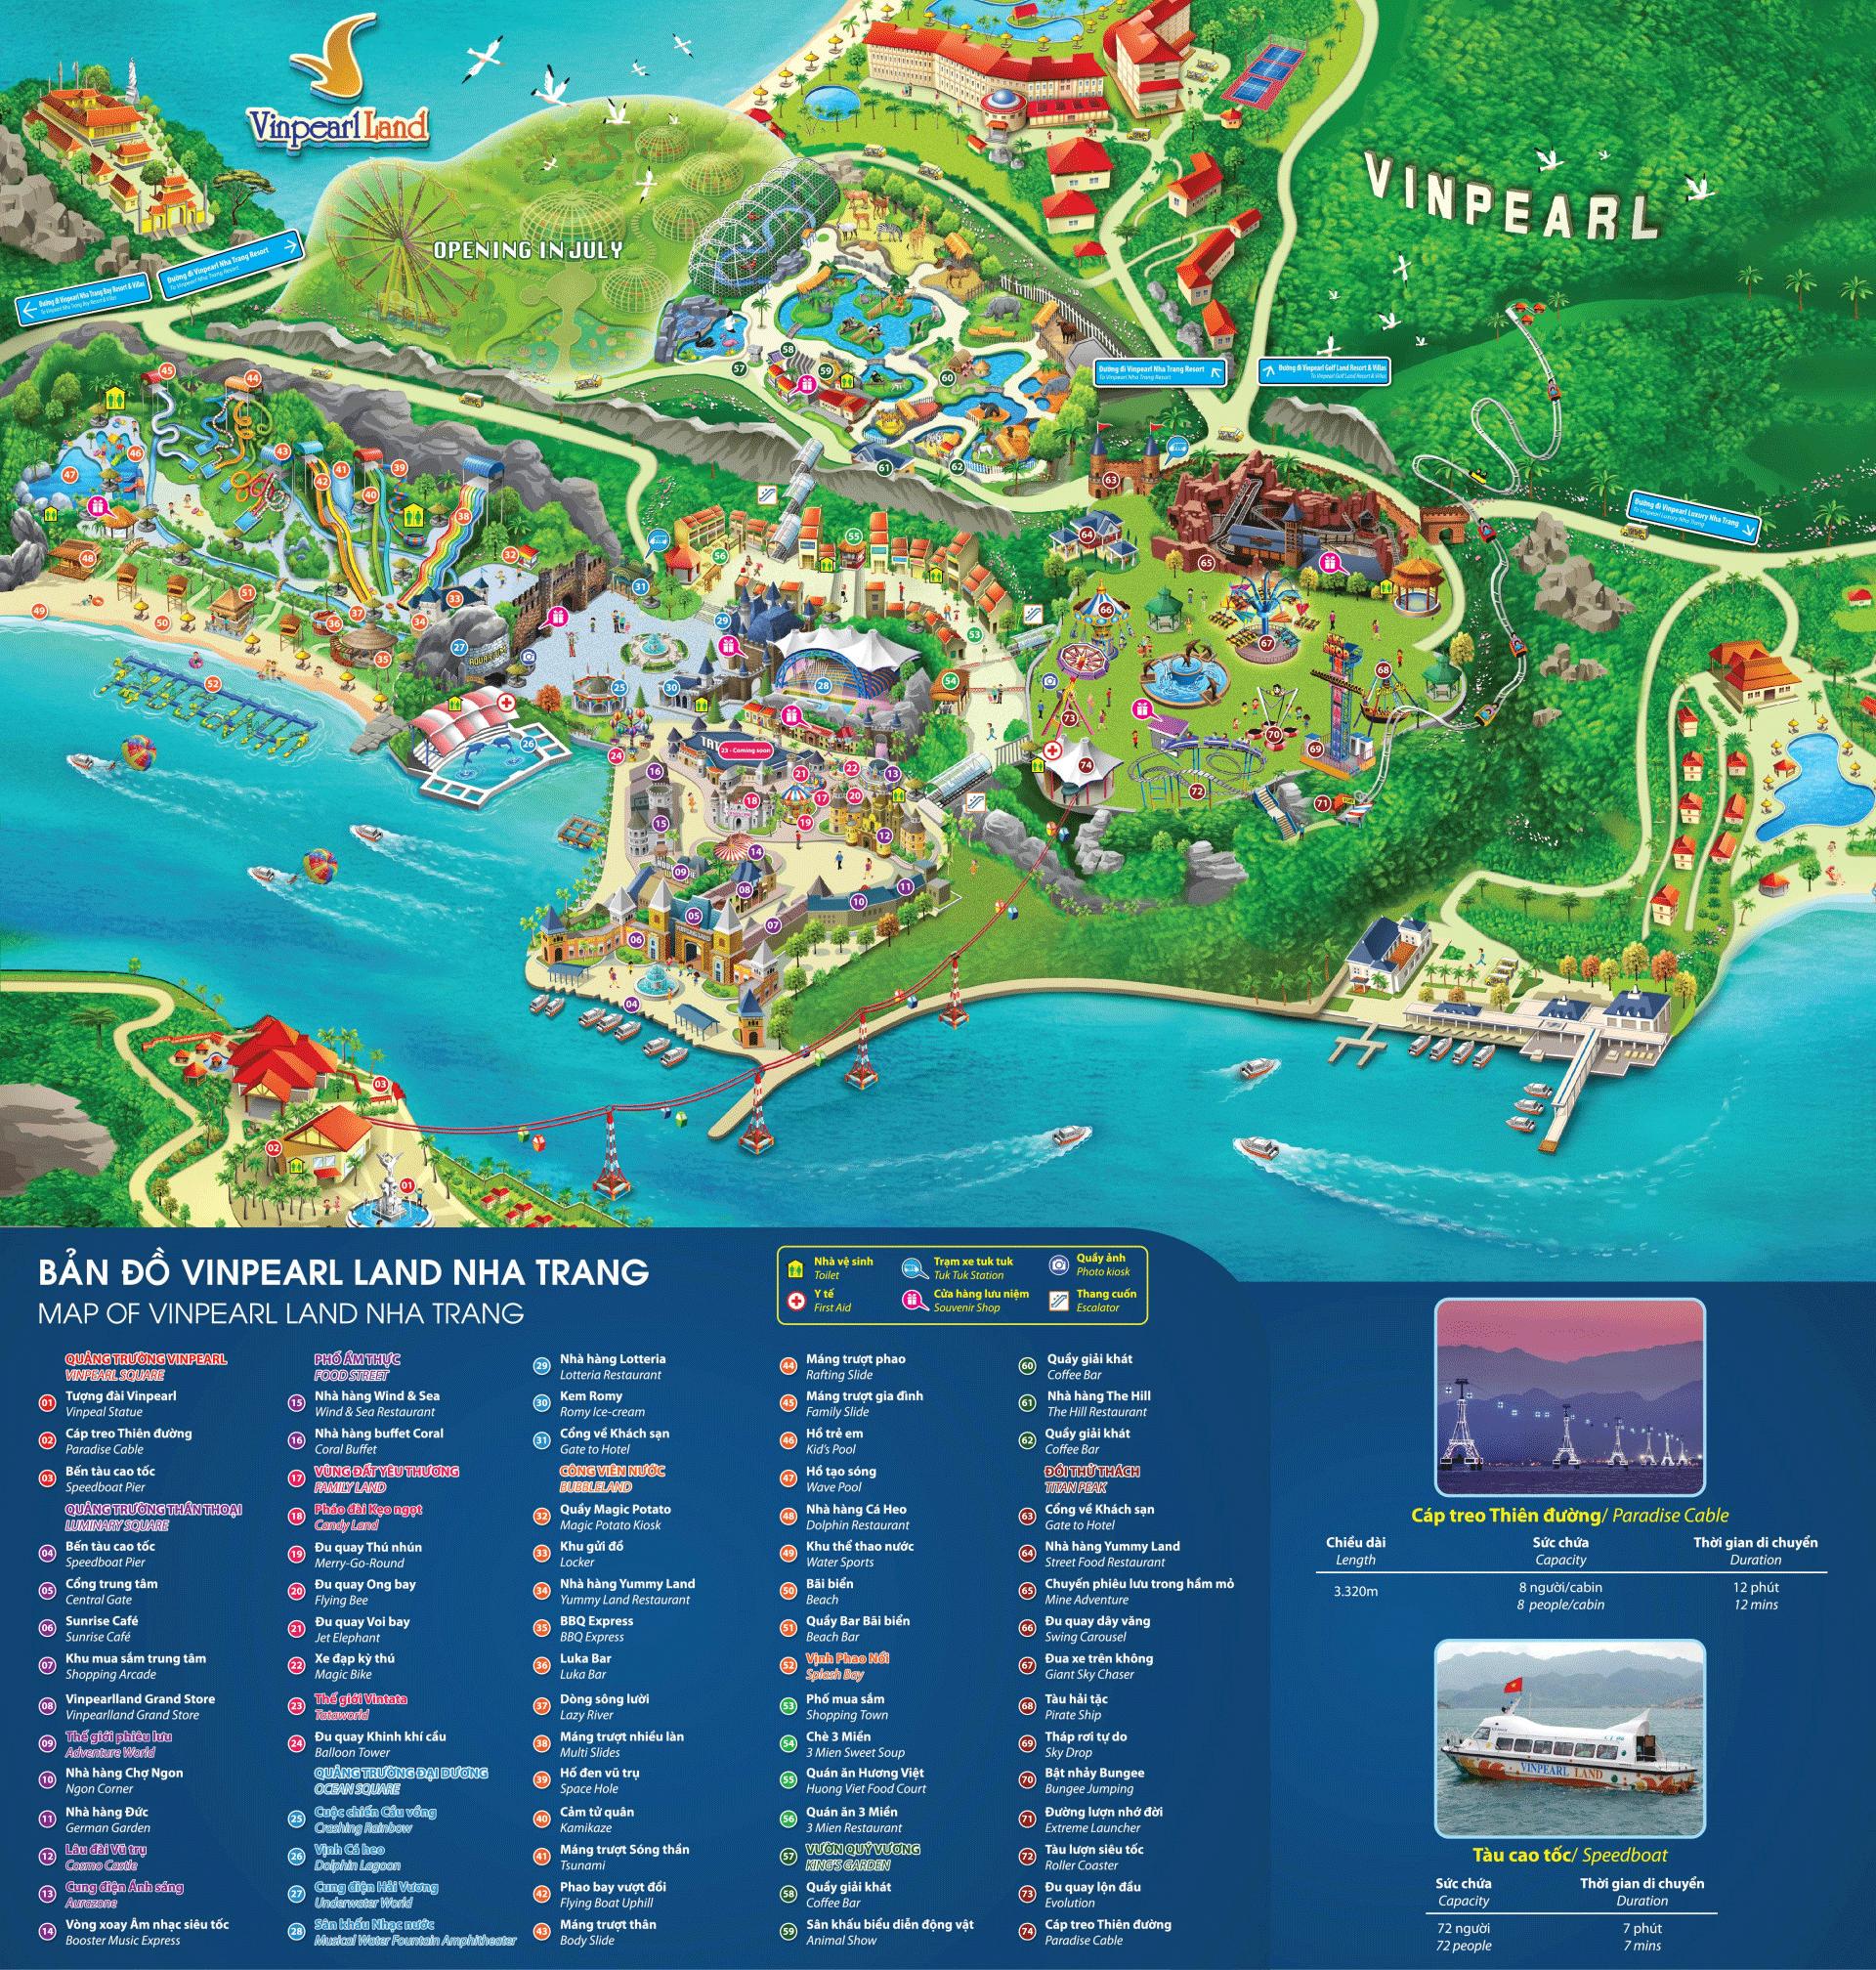 Cập nhật giá vé vào cổng Vinpearl Land Nha Trang: Khuyến mại cực đã trong dịp hè này  - Ảnh 2.